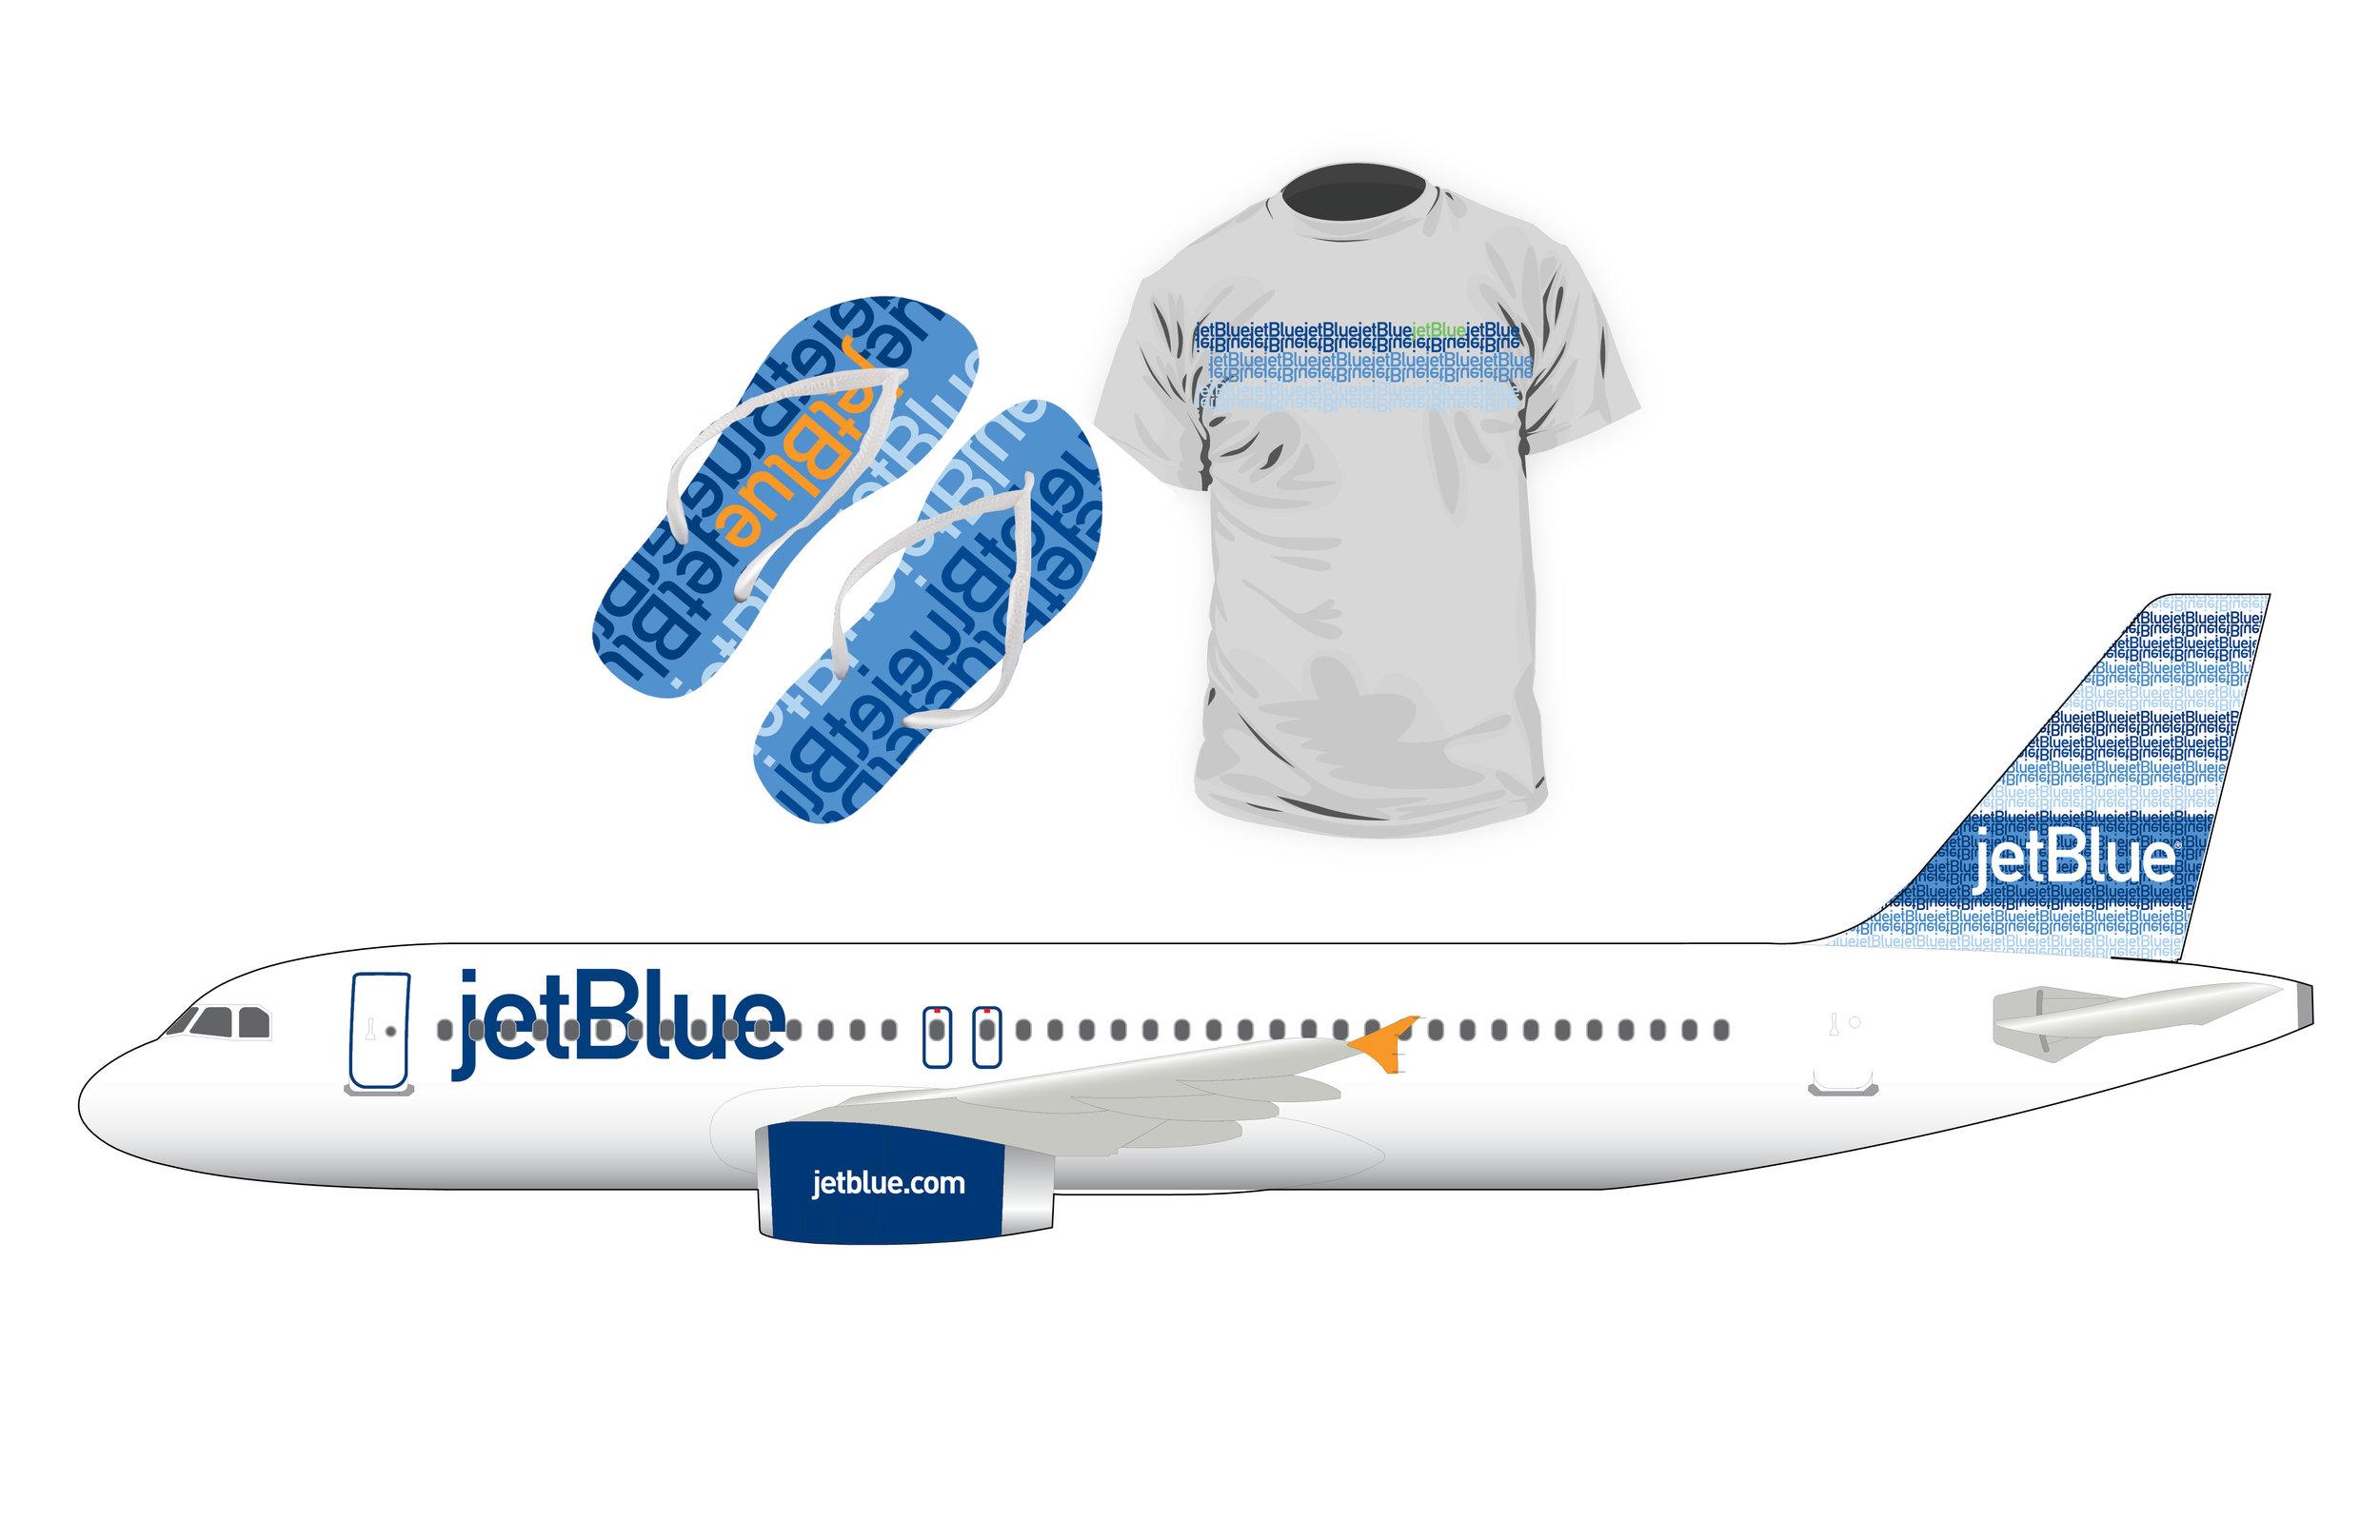 CS6_JetBlue_V312.jpg